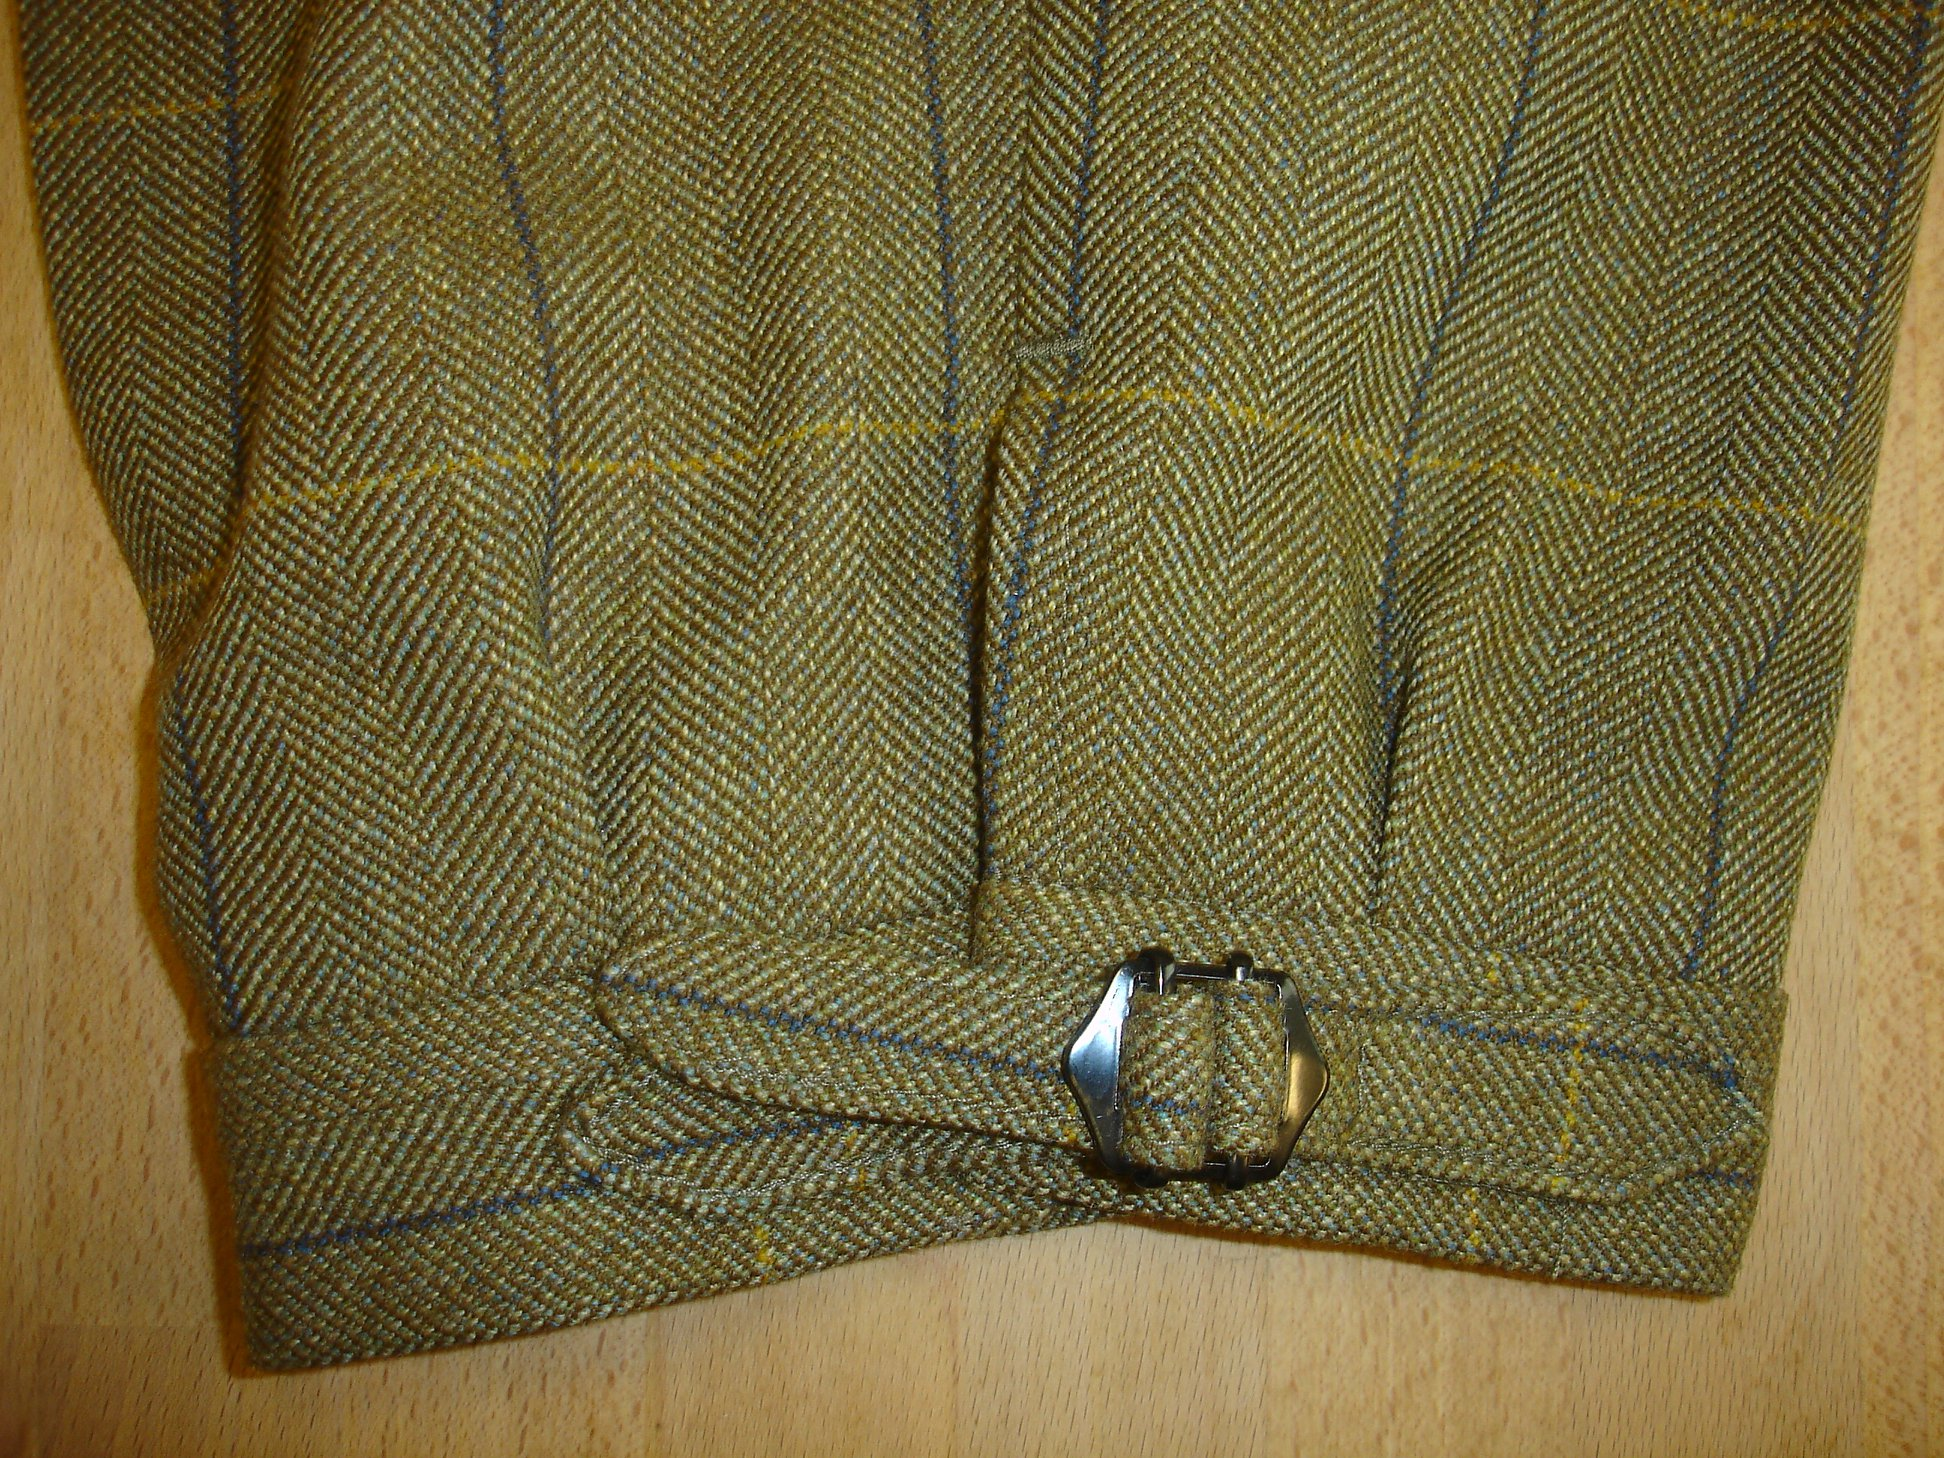 Porter & Harding Hartwist Tweed Suit (12).jpg